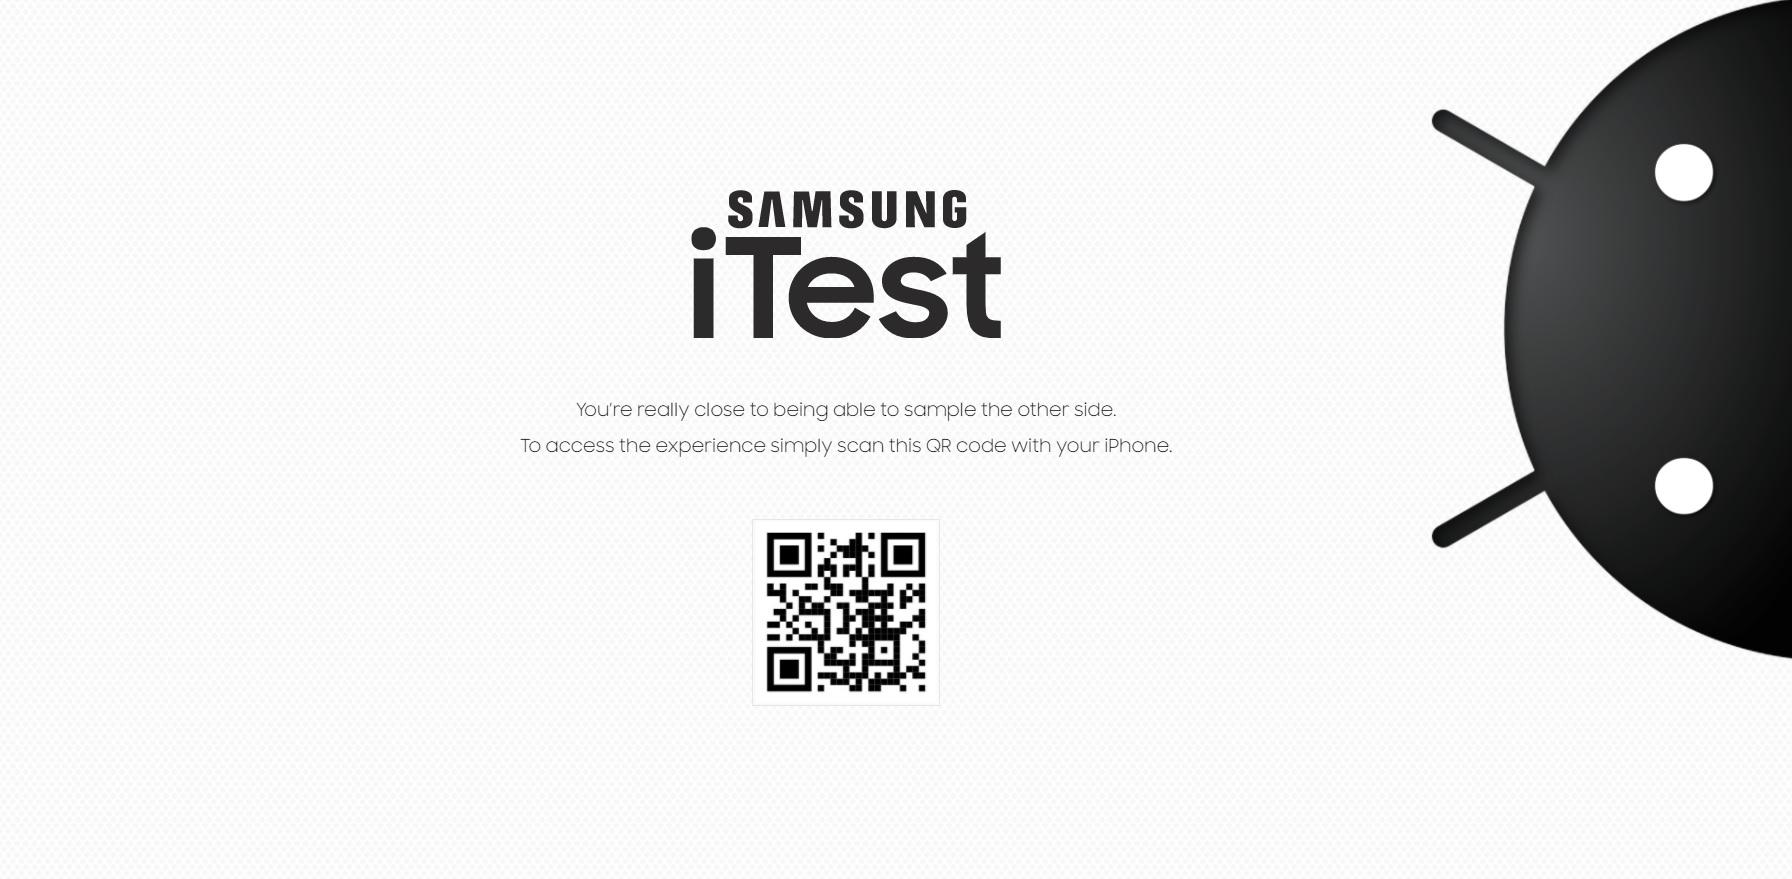 يمكن الآن لمستخدمي آيفون تجربة نظام أندرويد باستخدام iTest